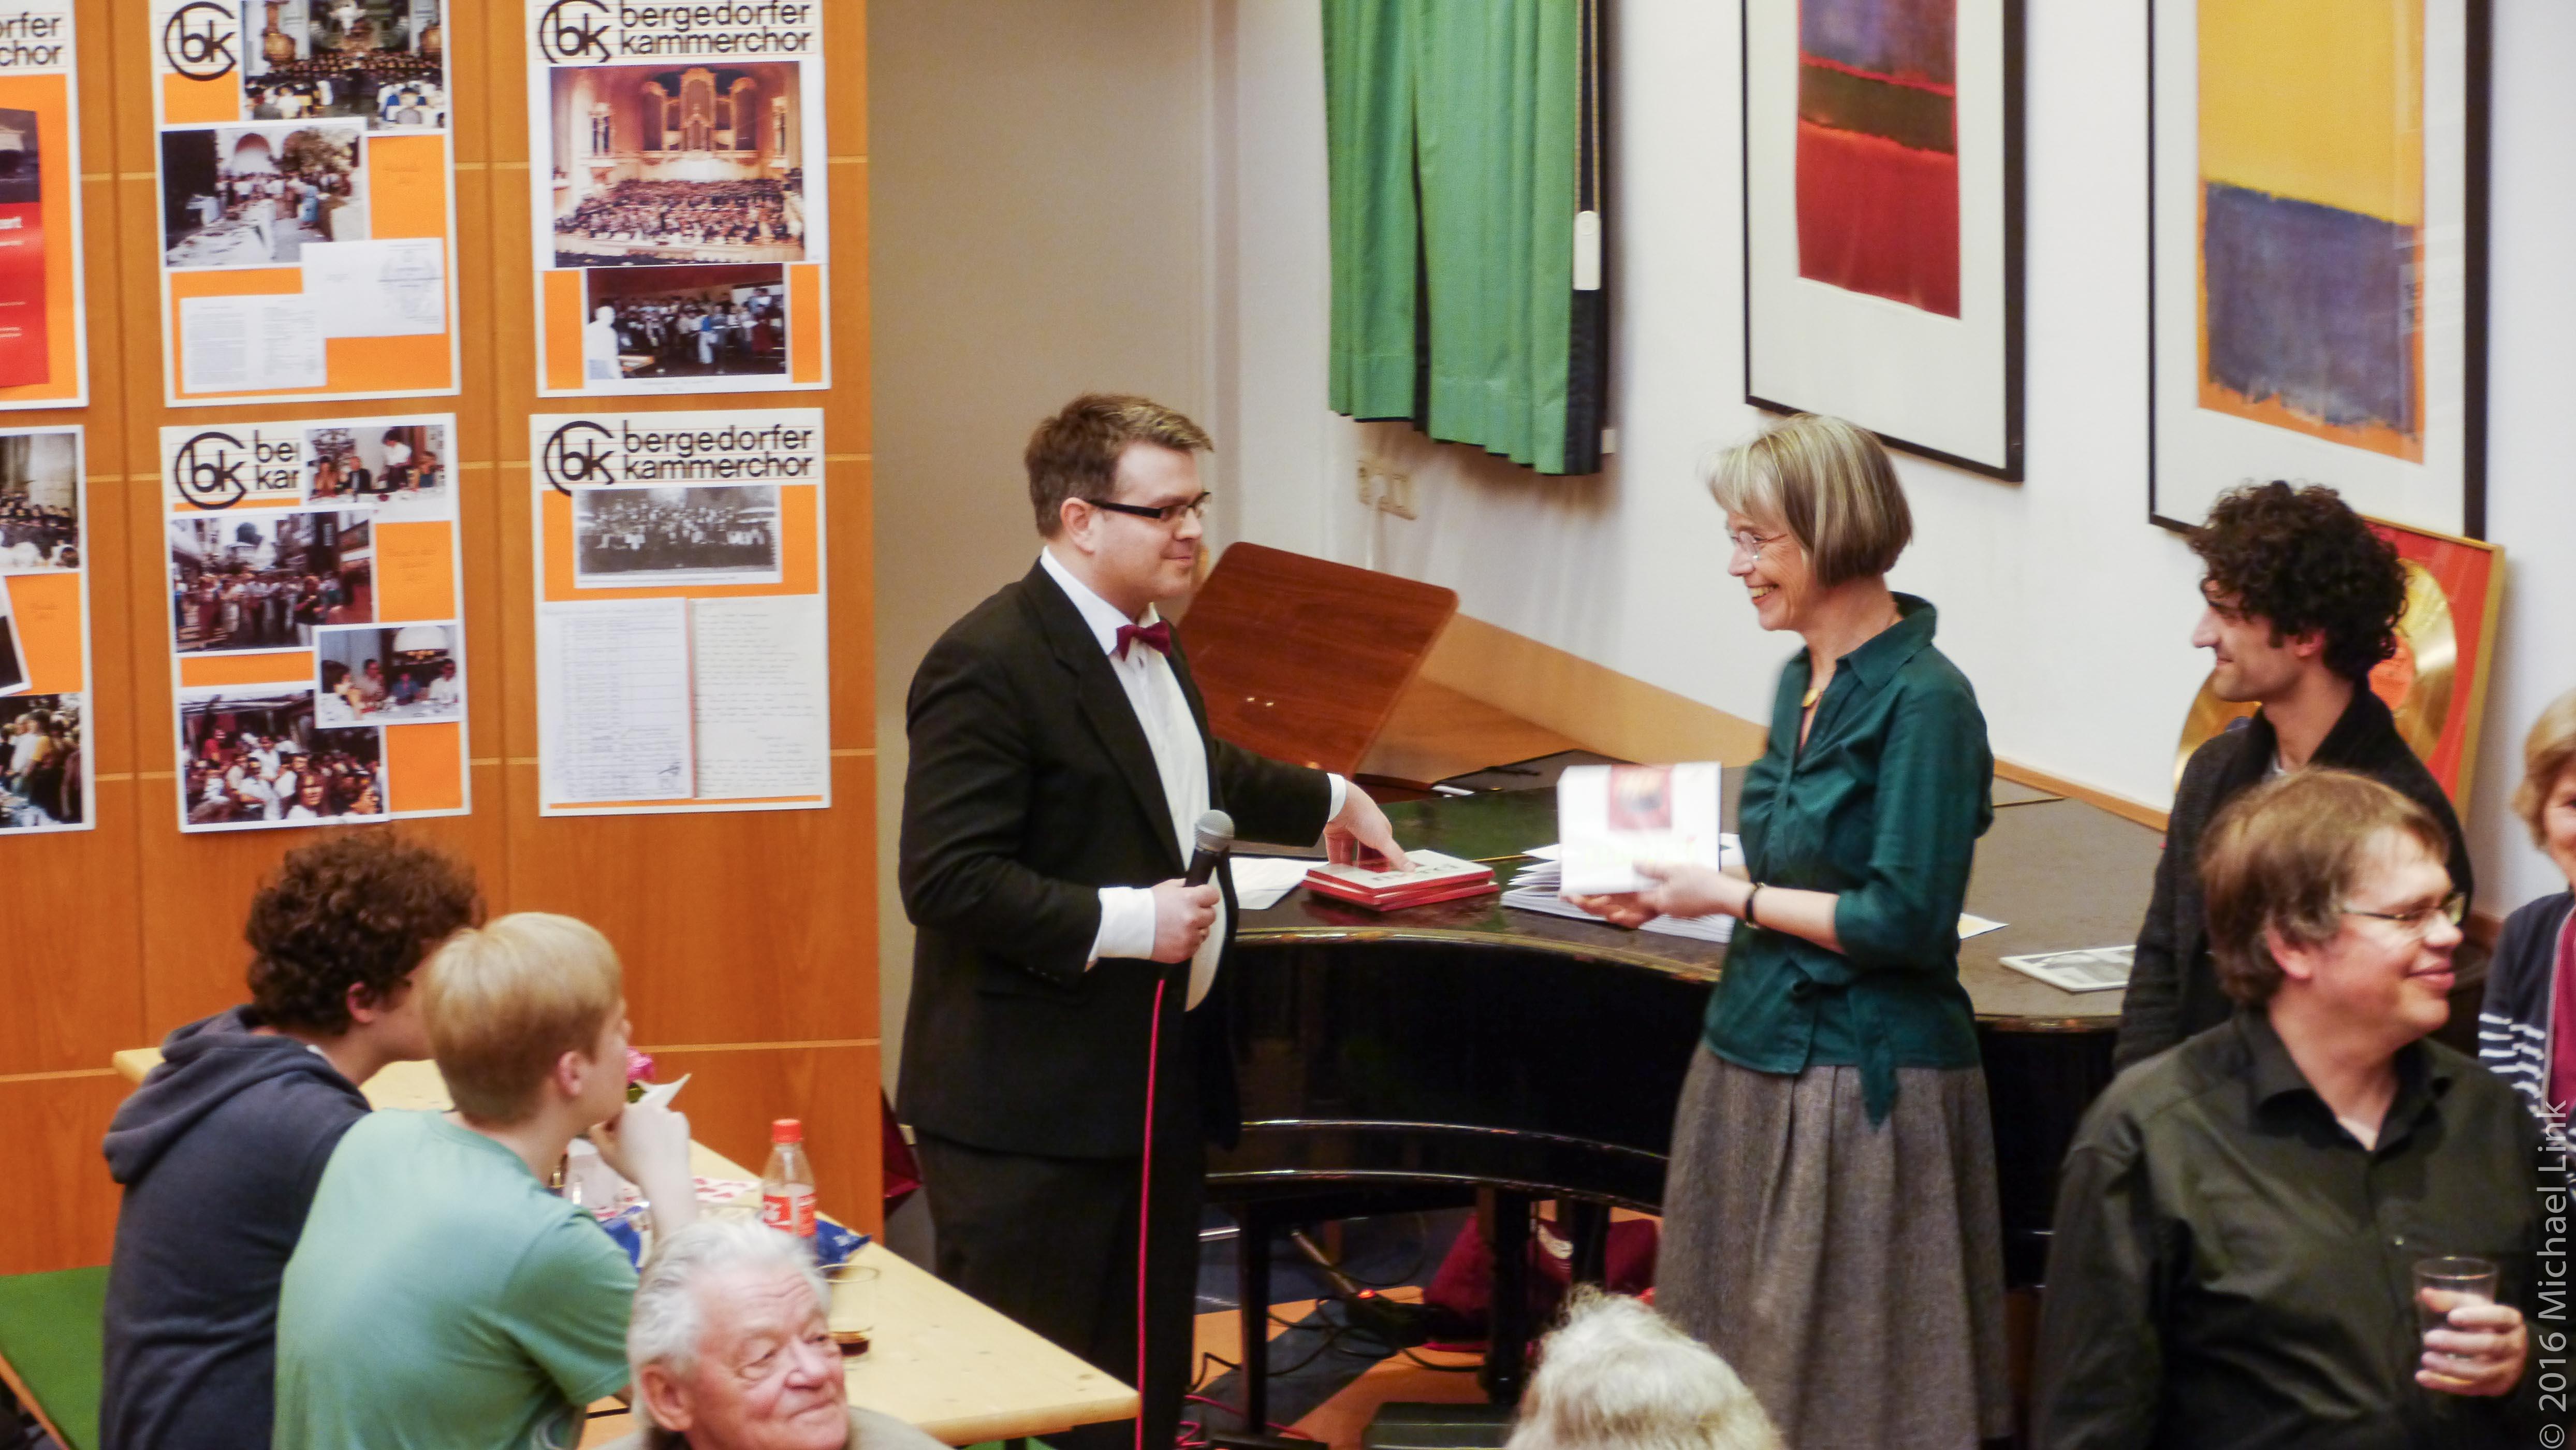 70 Jahre Bergedorfer Kammerchor-17